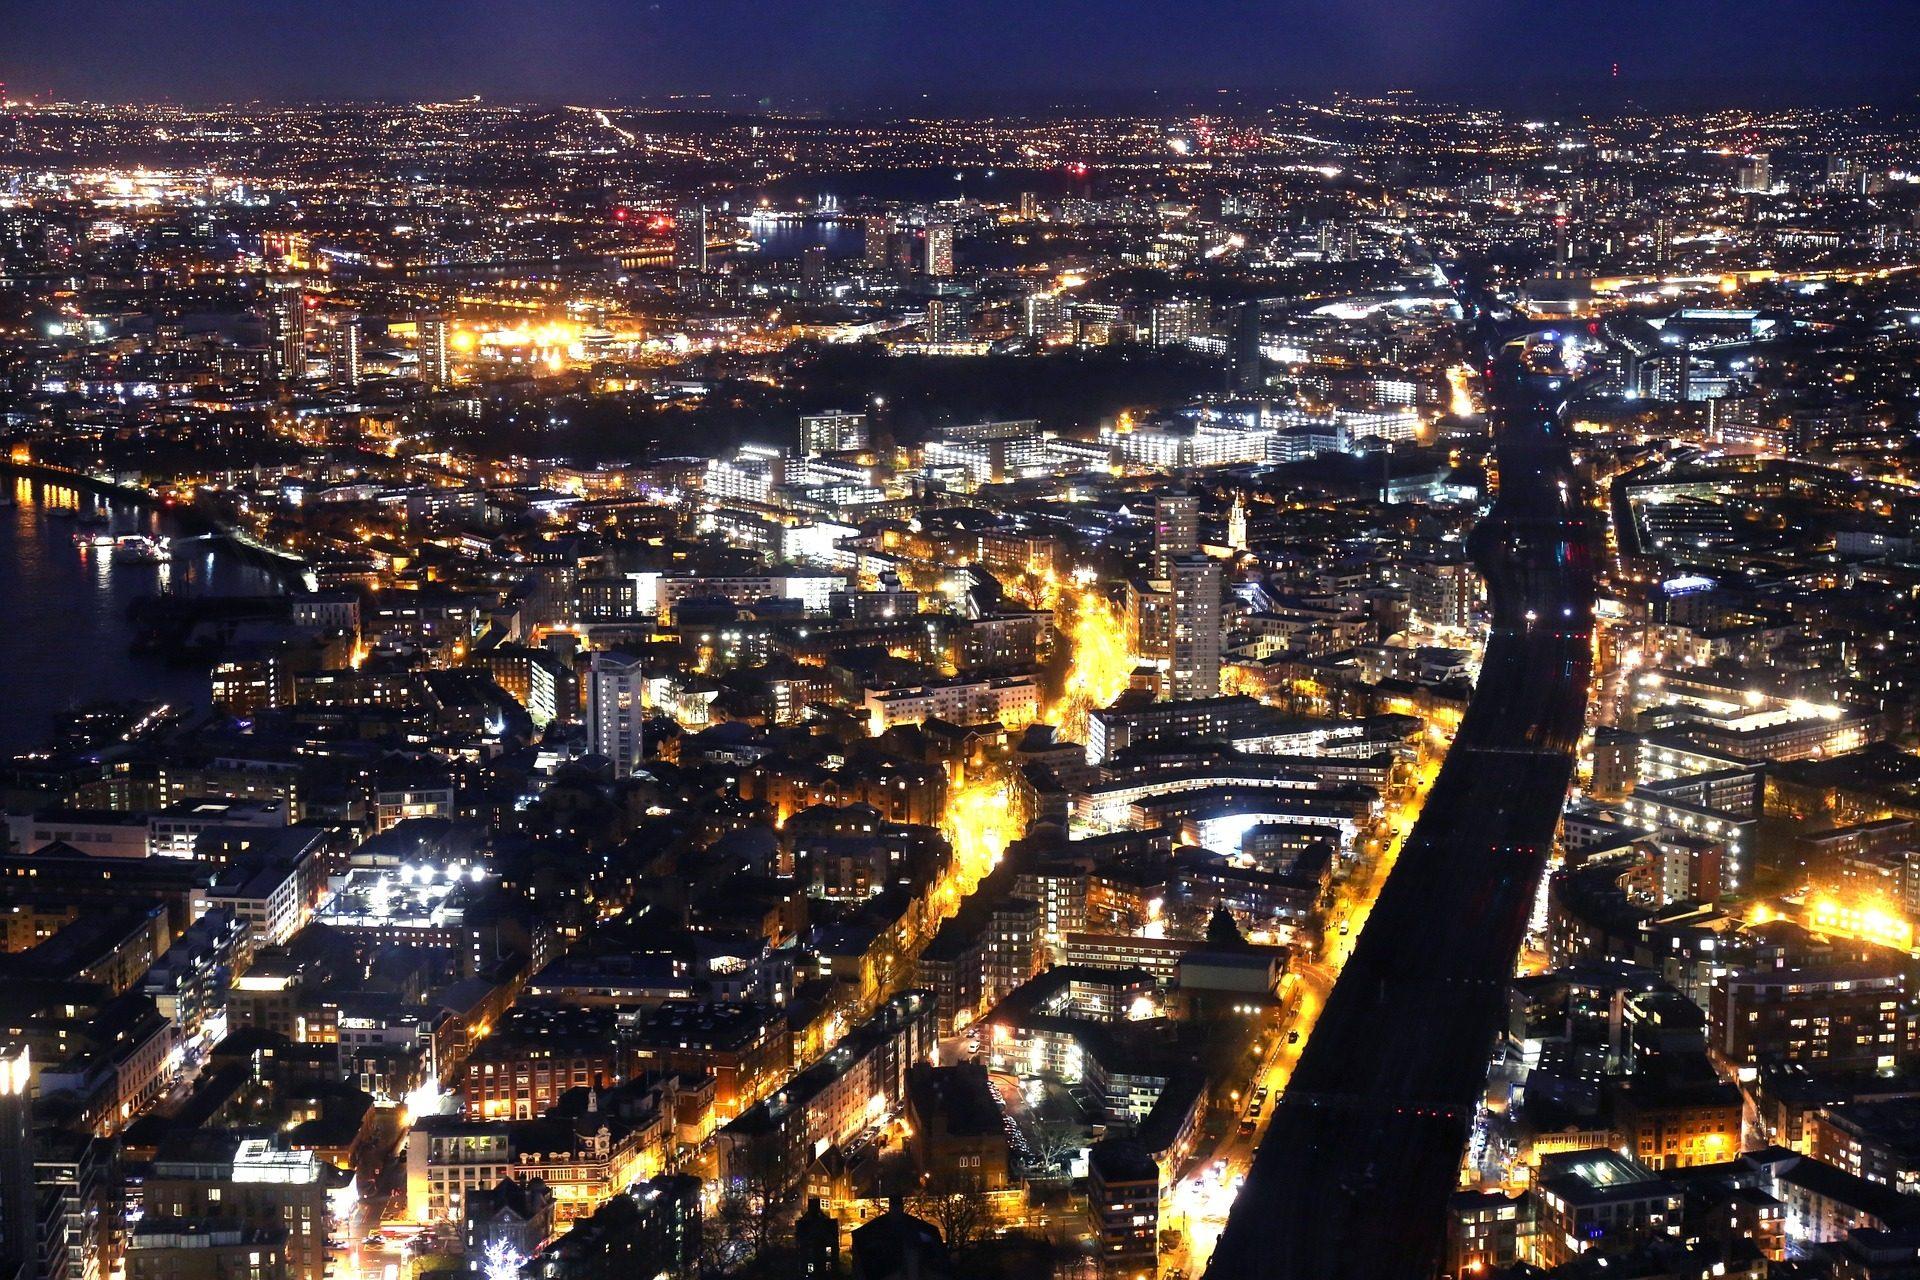 शहर, रात, रोशनी, सड़कों पर, इमारतें, लंदन - HD वॉलपेपर - प्रोफेसर-falken.com